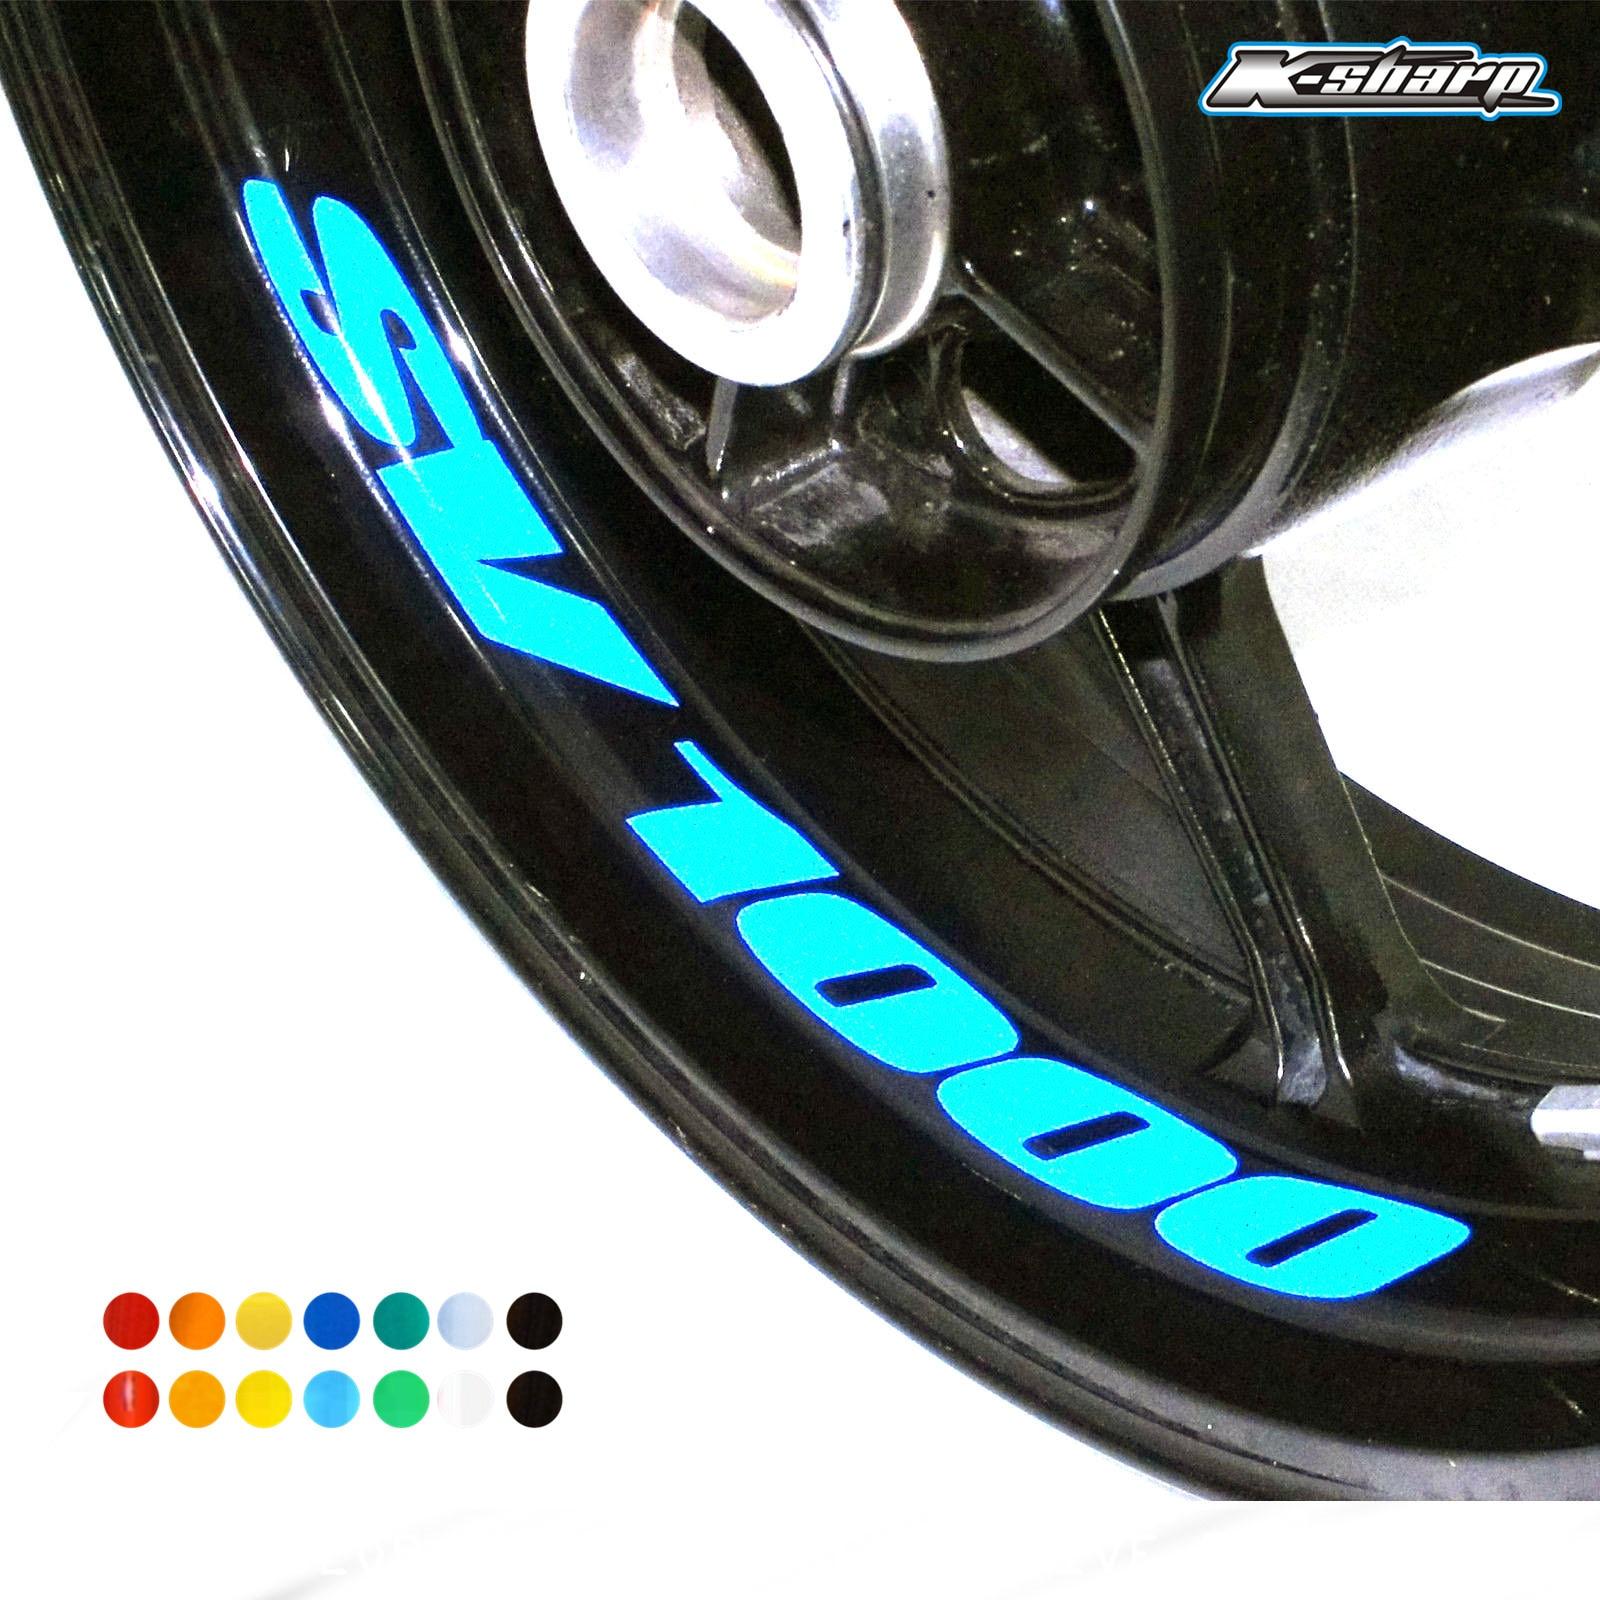 8 X Custon Inner Rim Decals Wheel Reflective Stickers Stripes FIT SUZUKI SV1000